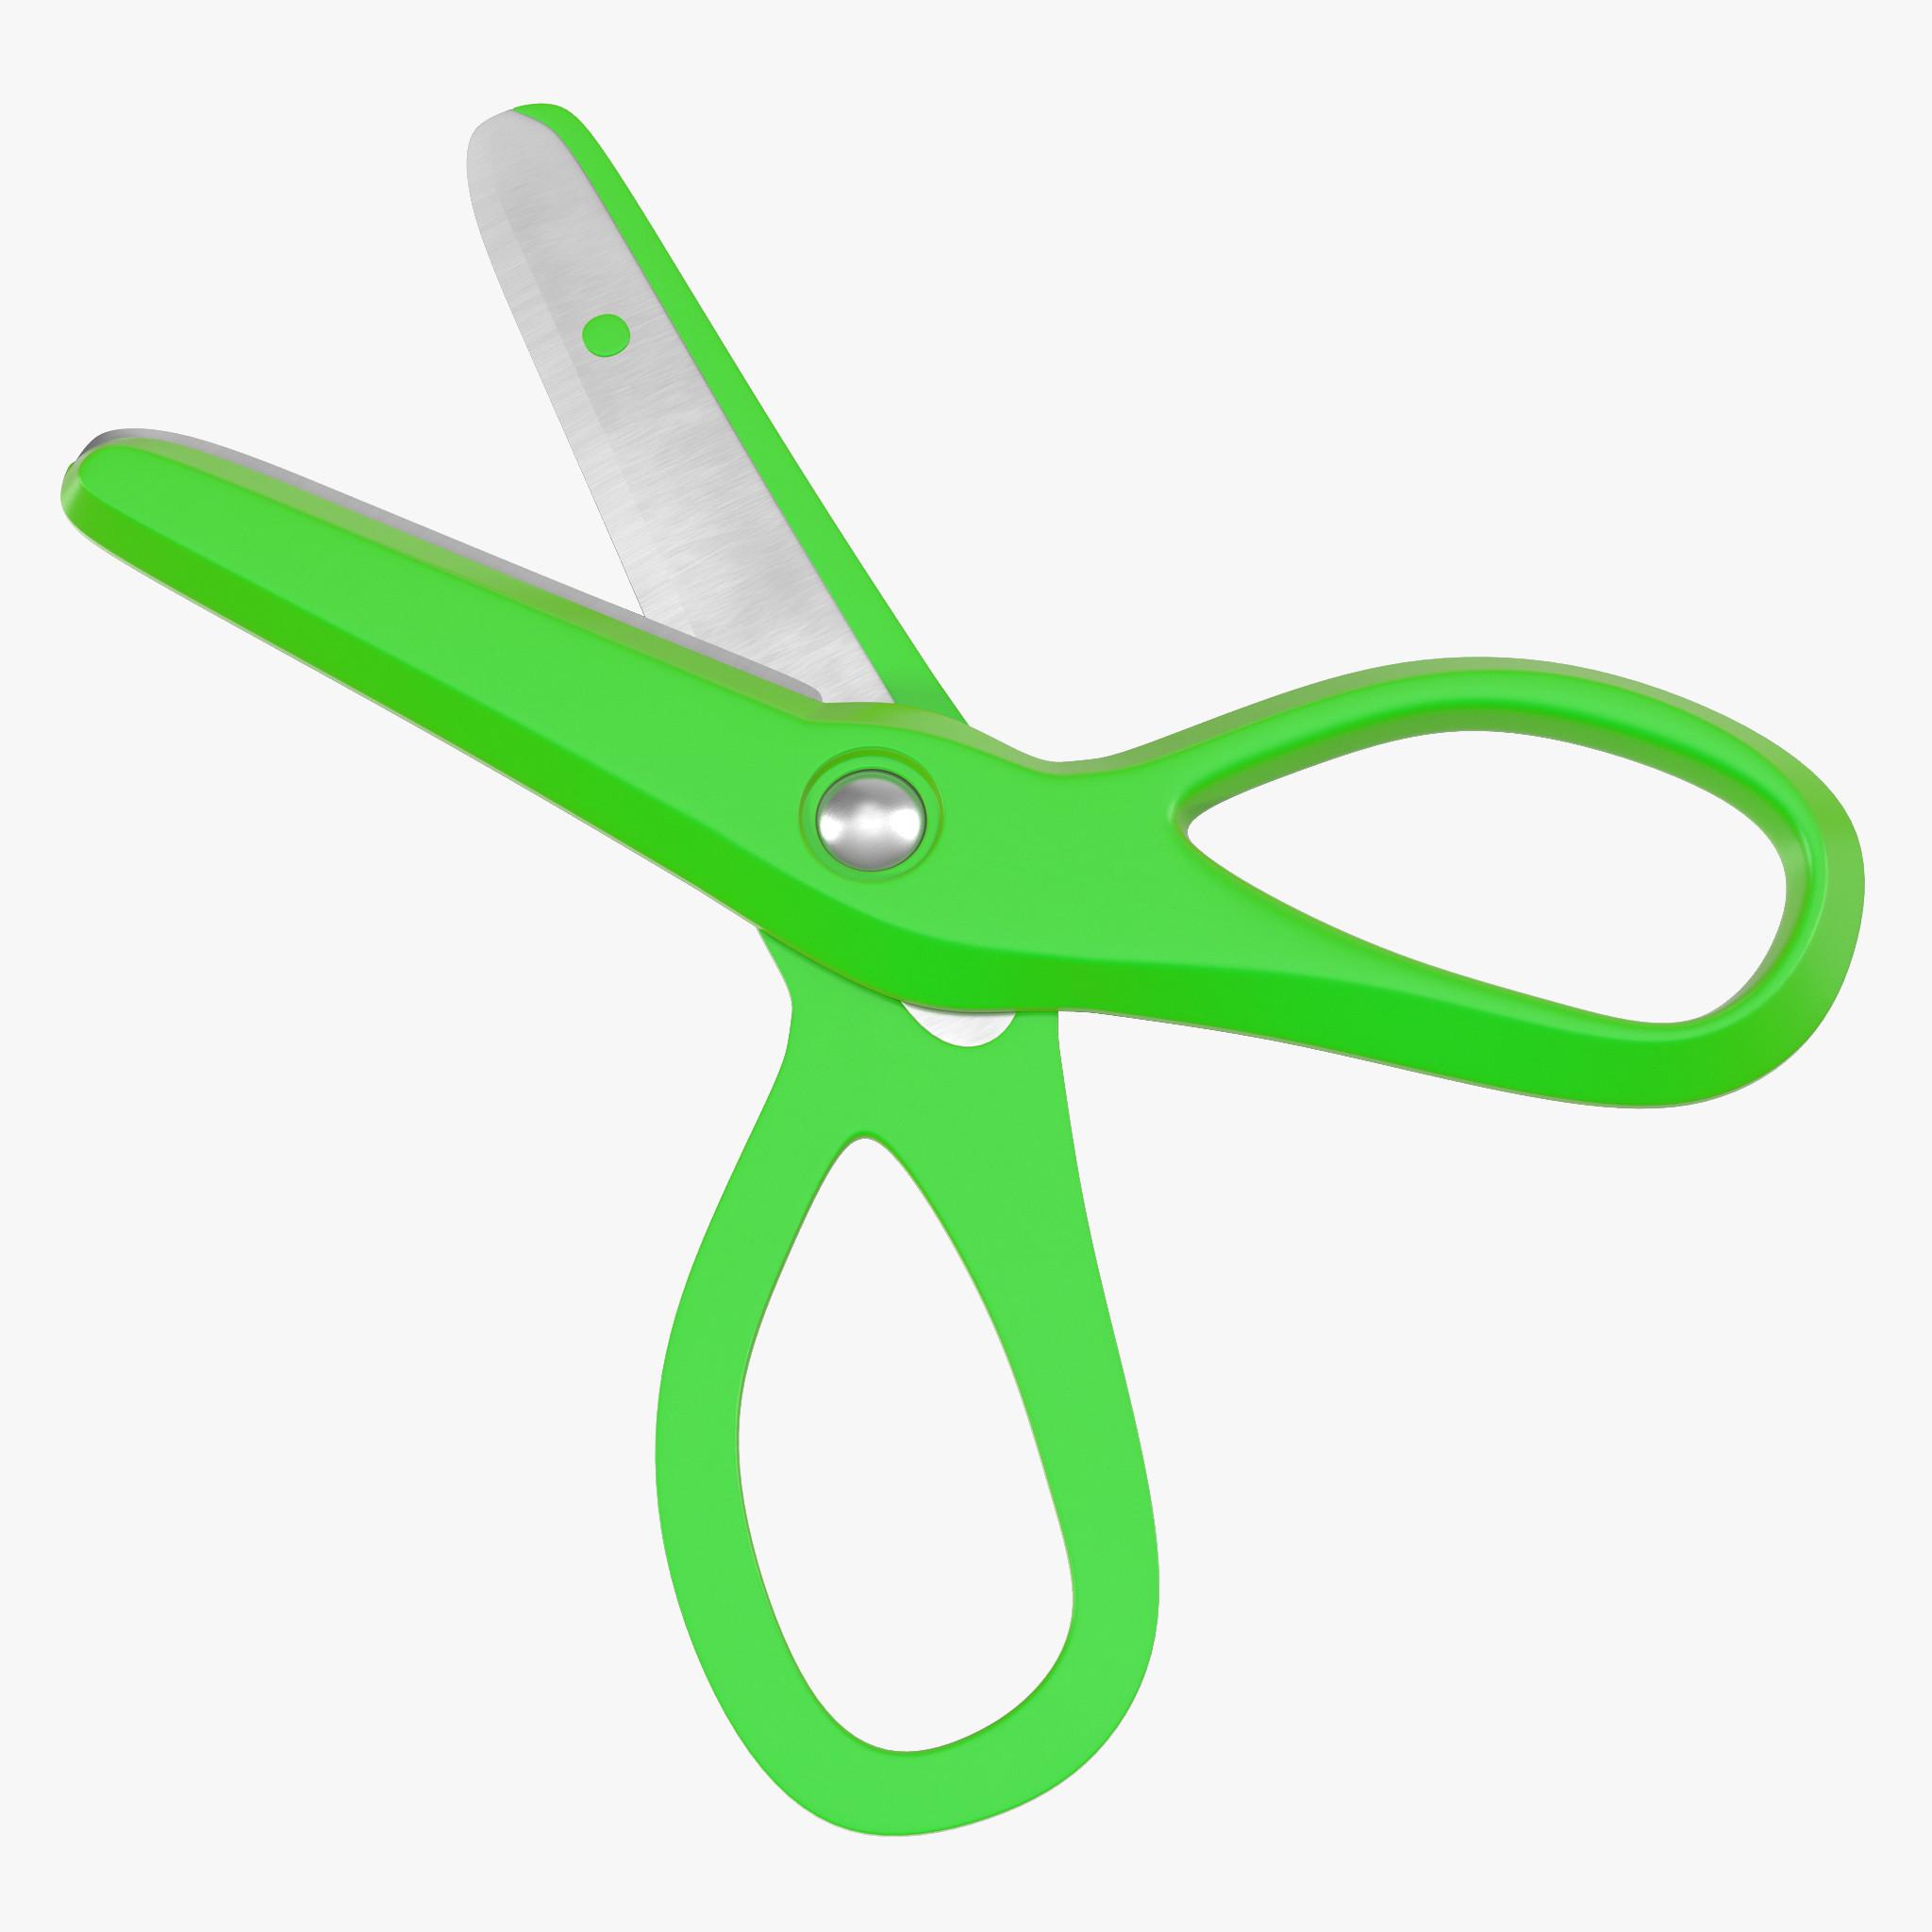 3d model of Green Scissors 01.jpg